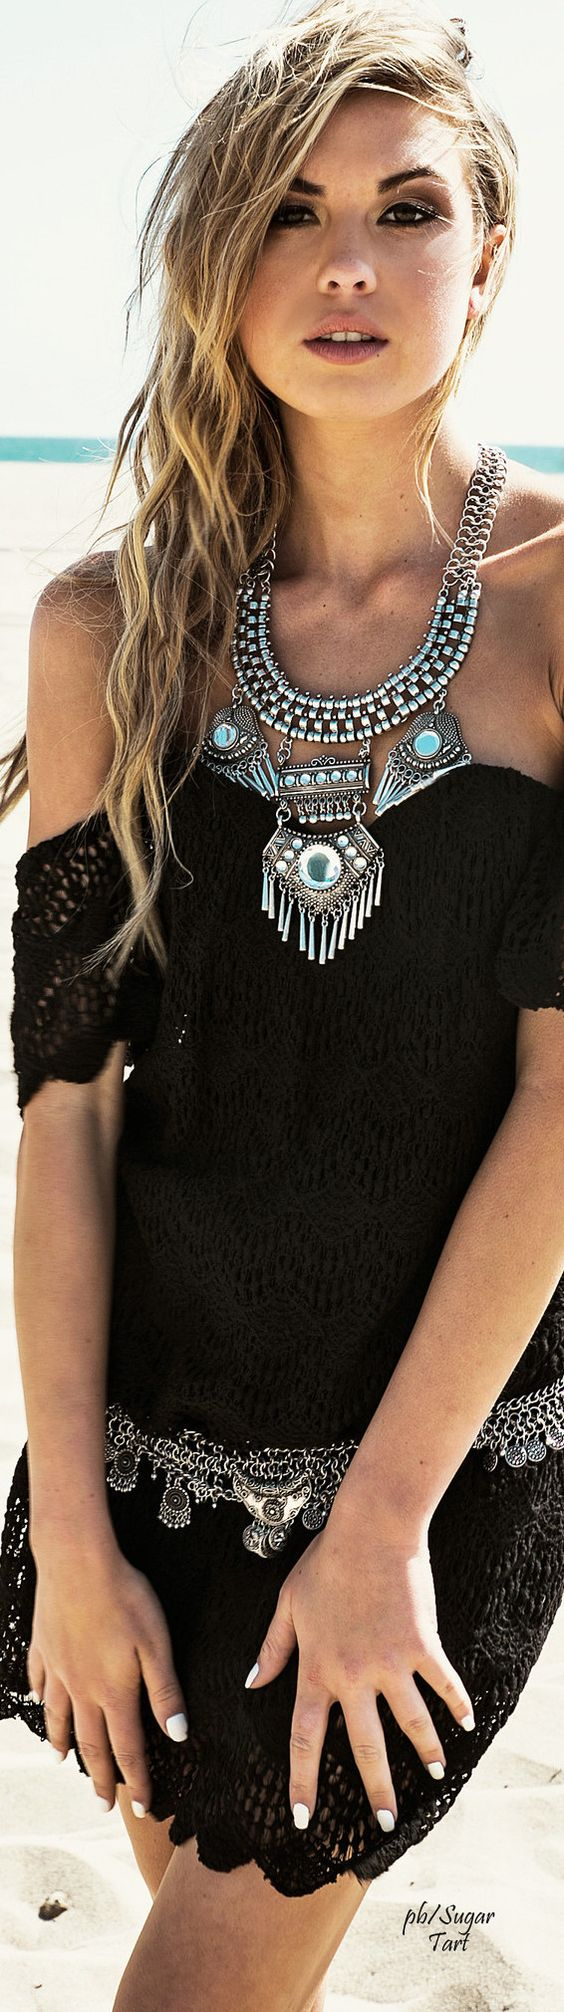 ☮ Bohemian Style ☮: